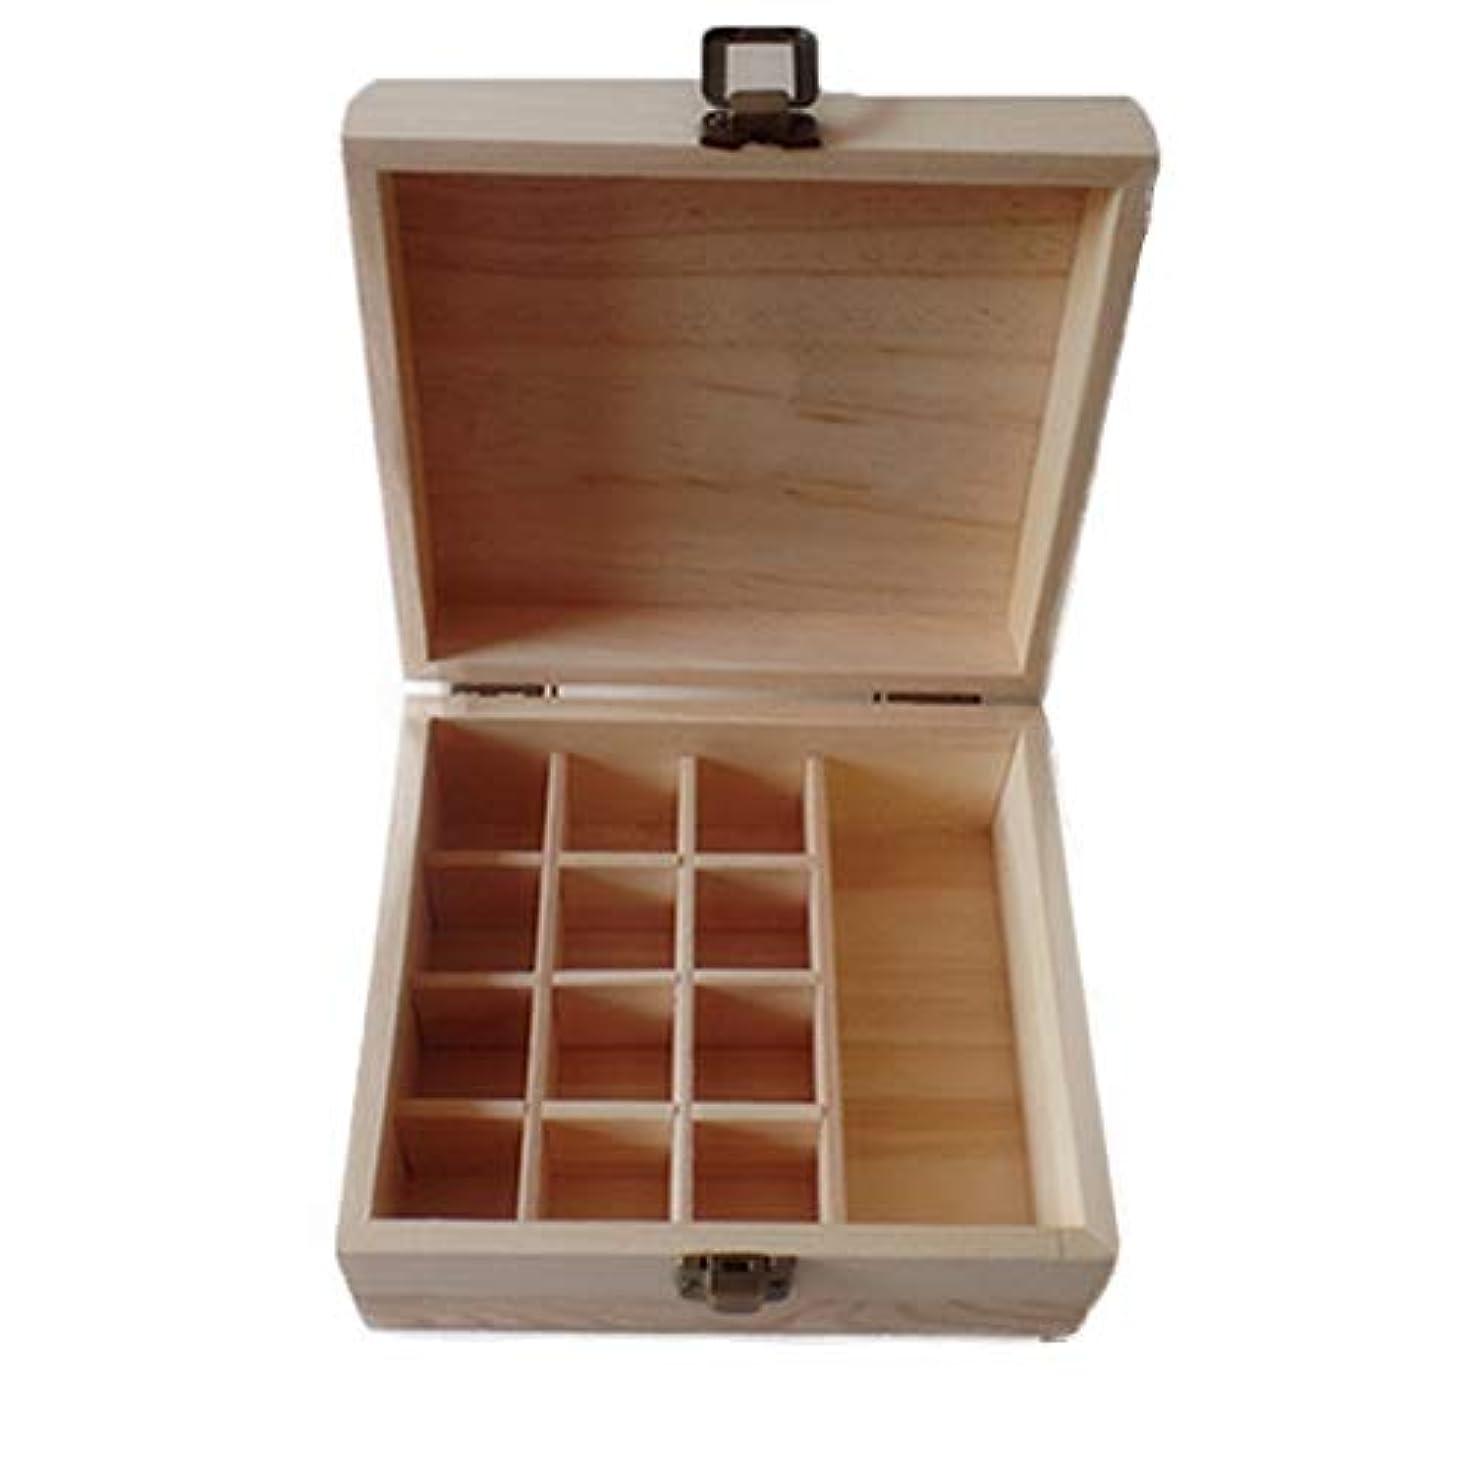 子豚敬意を表するまたエッセンシャルオイルの保管 ディスプレイのプレゼンテーションのために完璧な13スロットエッセンシャルオイルストレージ木箱エッセンシャルオイル木製ケース (色 : Natural, サイズ : 15X16.9X8CM)